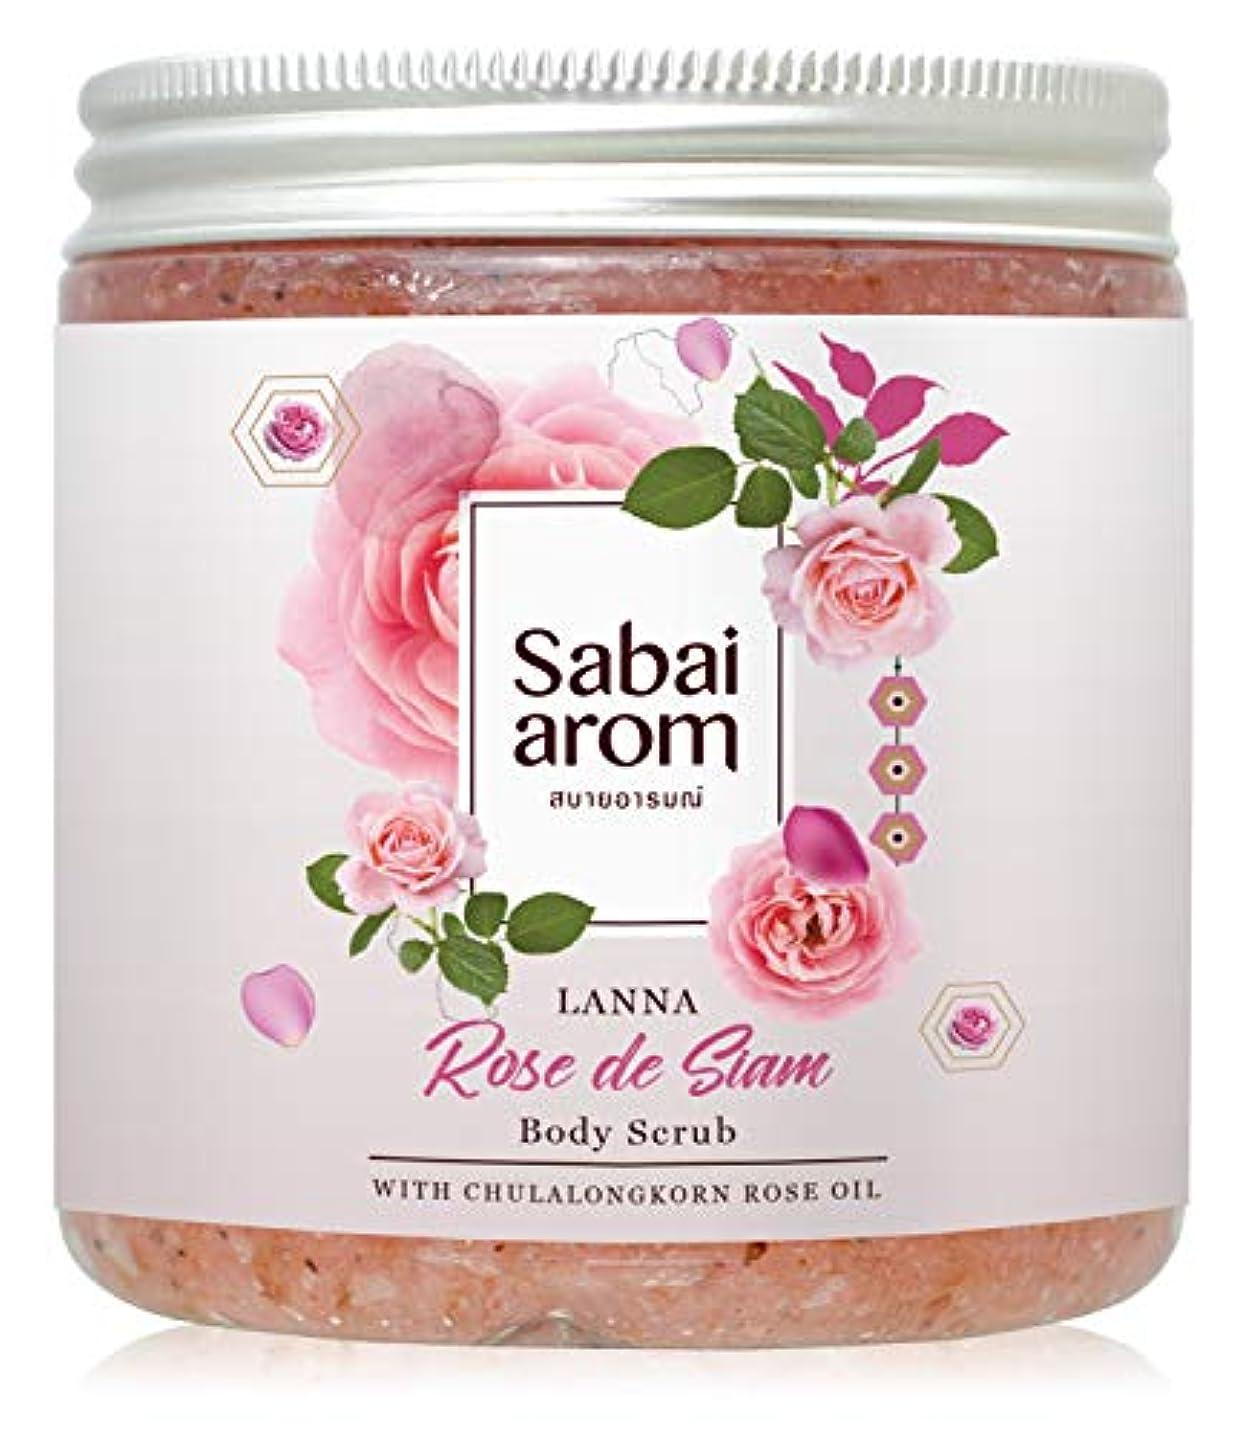 もっともらしい媒染剤テスピアンサバイアロム(Sabai-arom) ランナー ローズデサイアム ボディスクラブ 300g【ROS】【003】